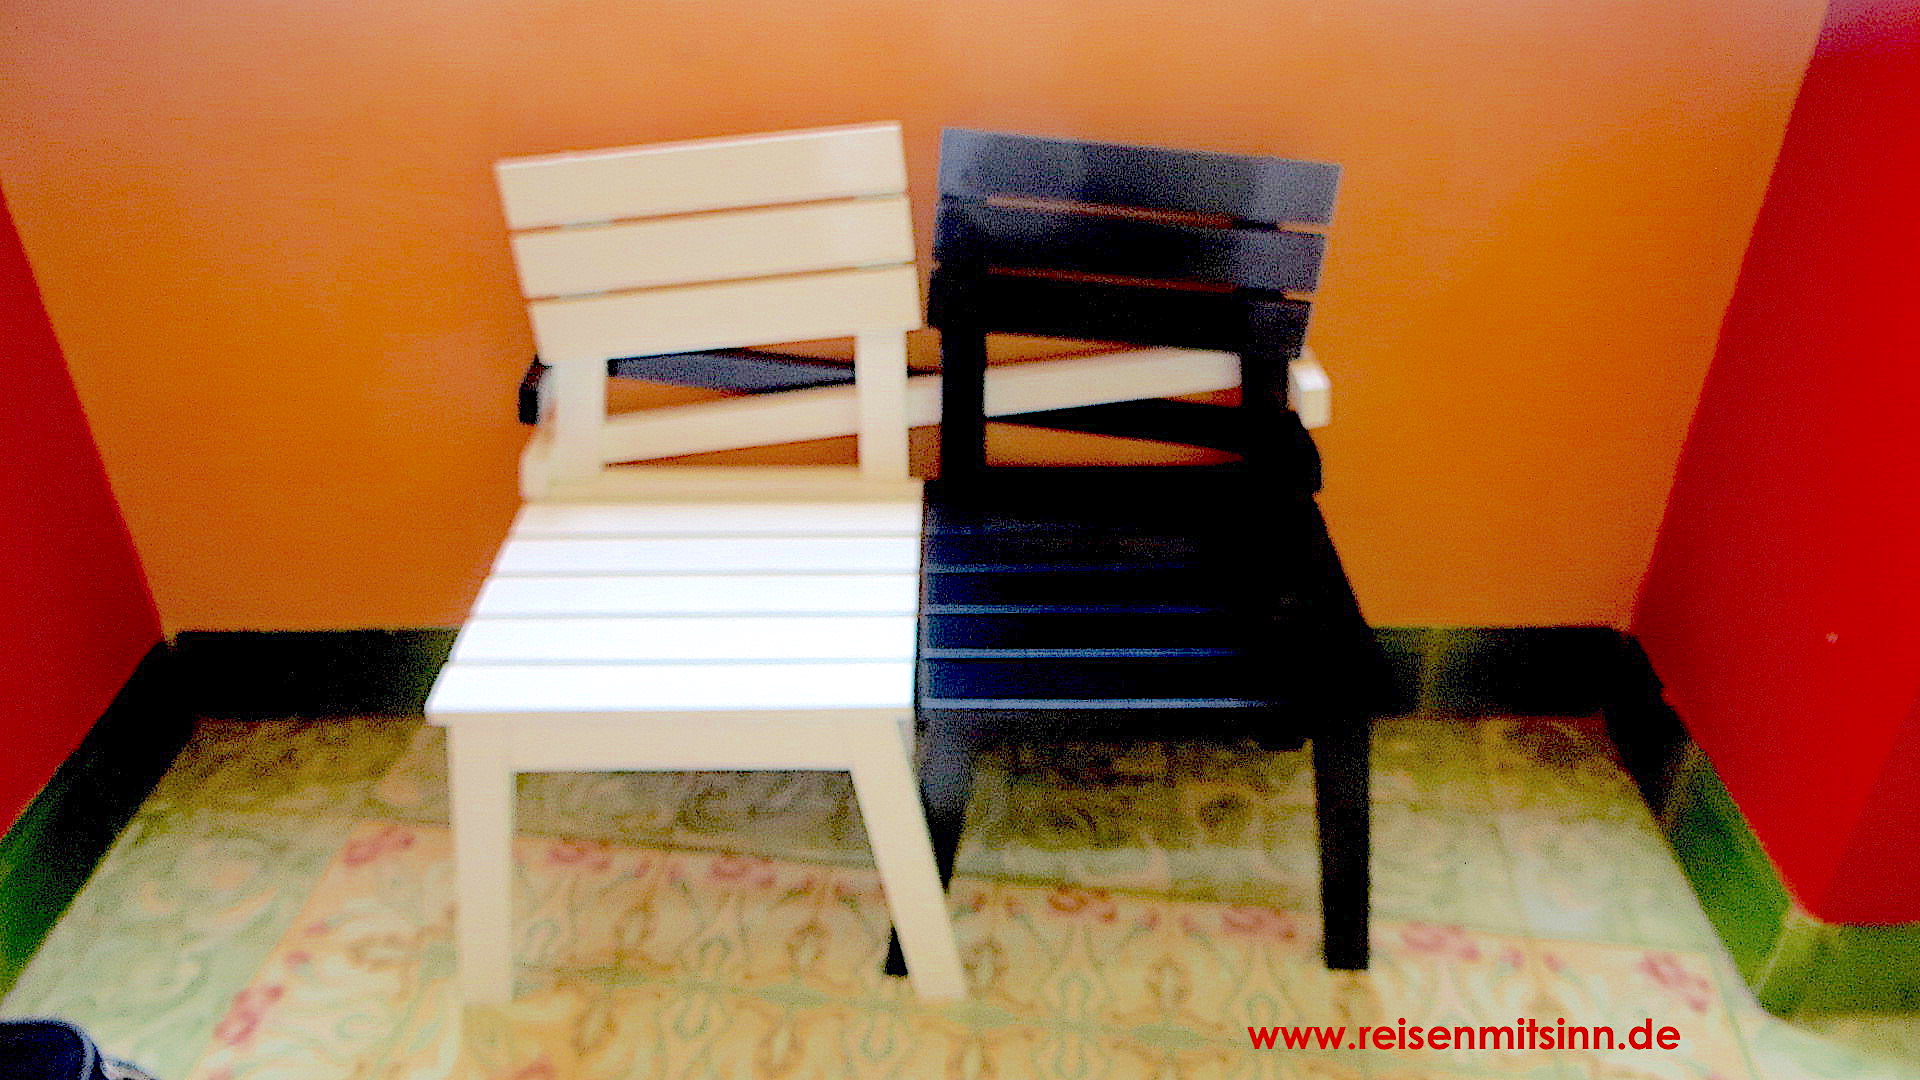 Kuba-zwei-Stühle-schwarz-weiß-verschränkt